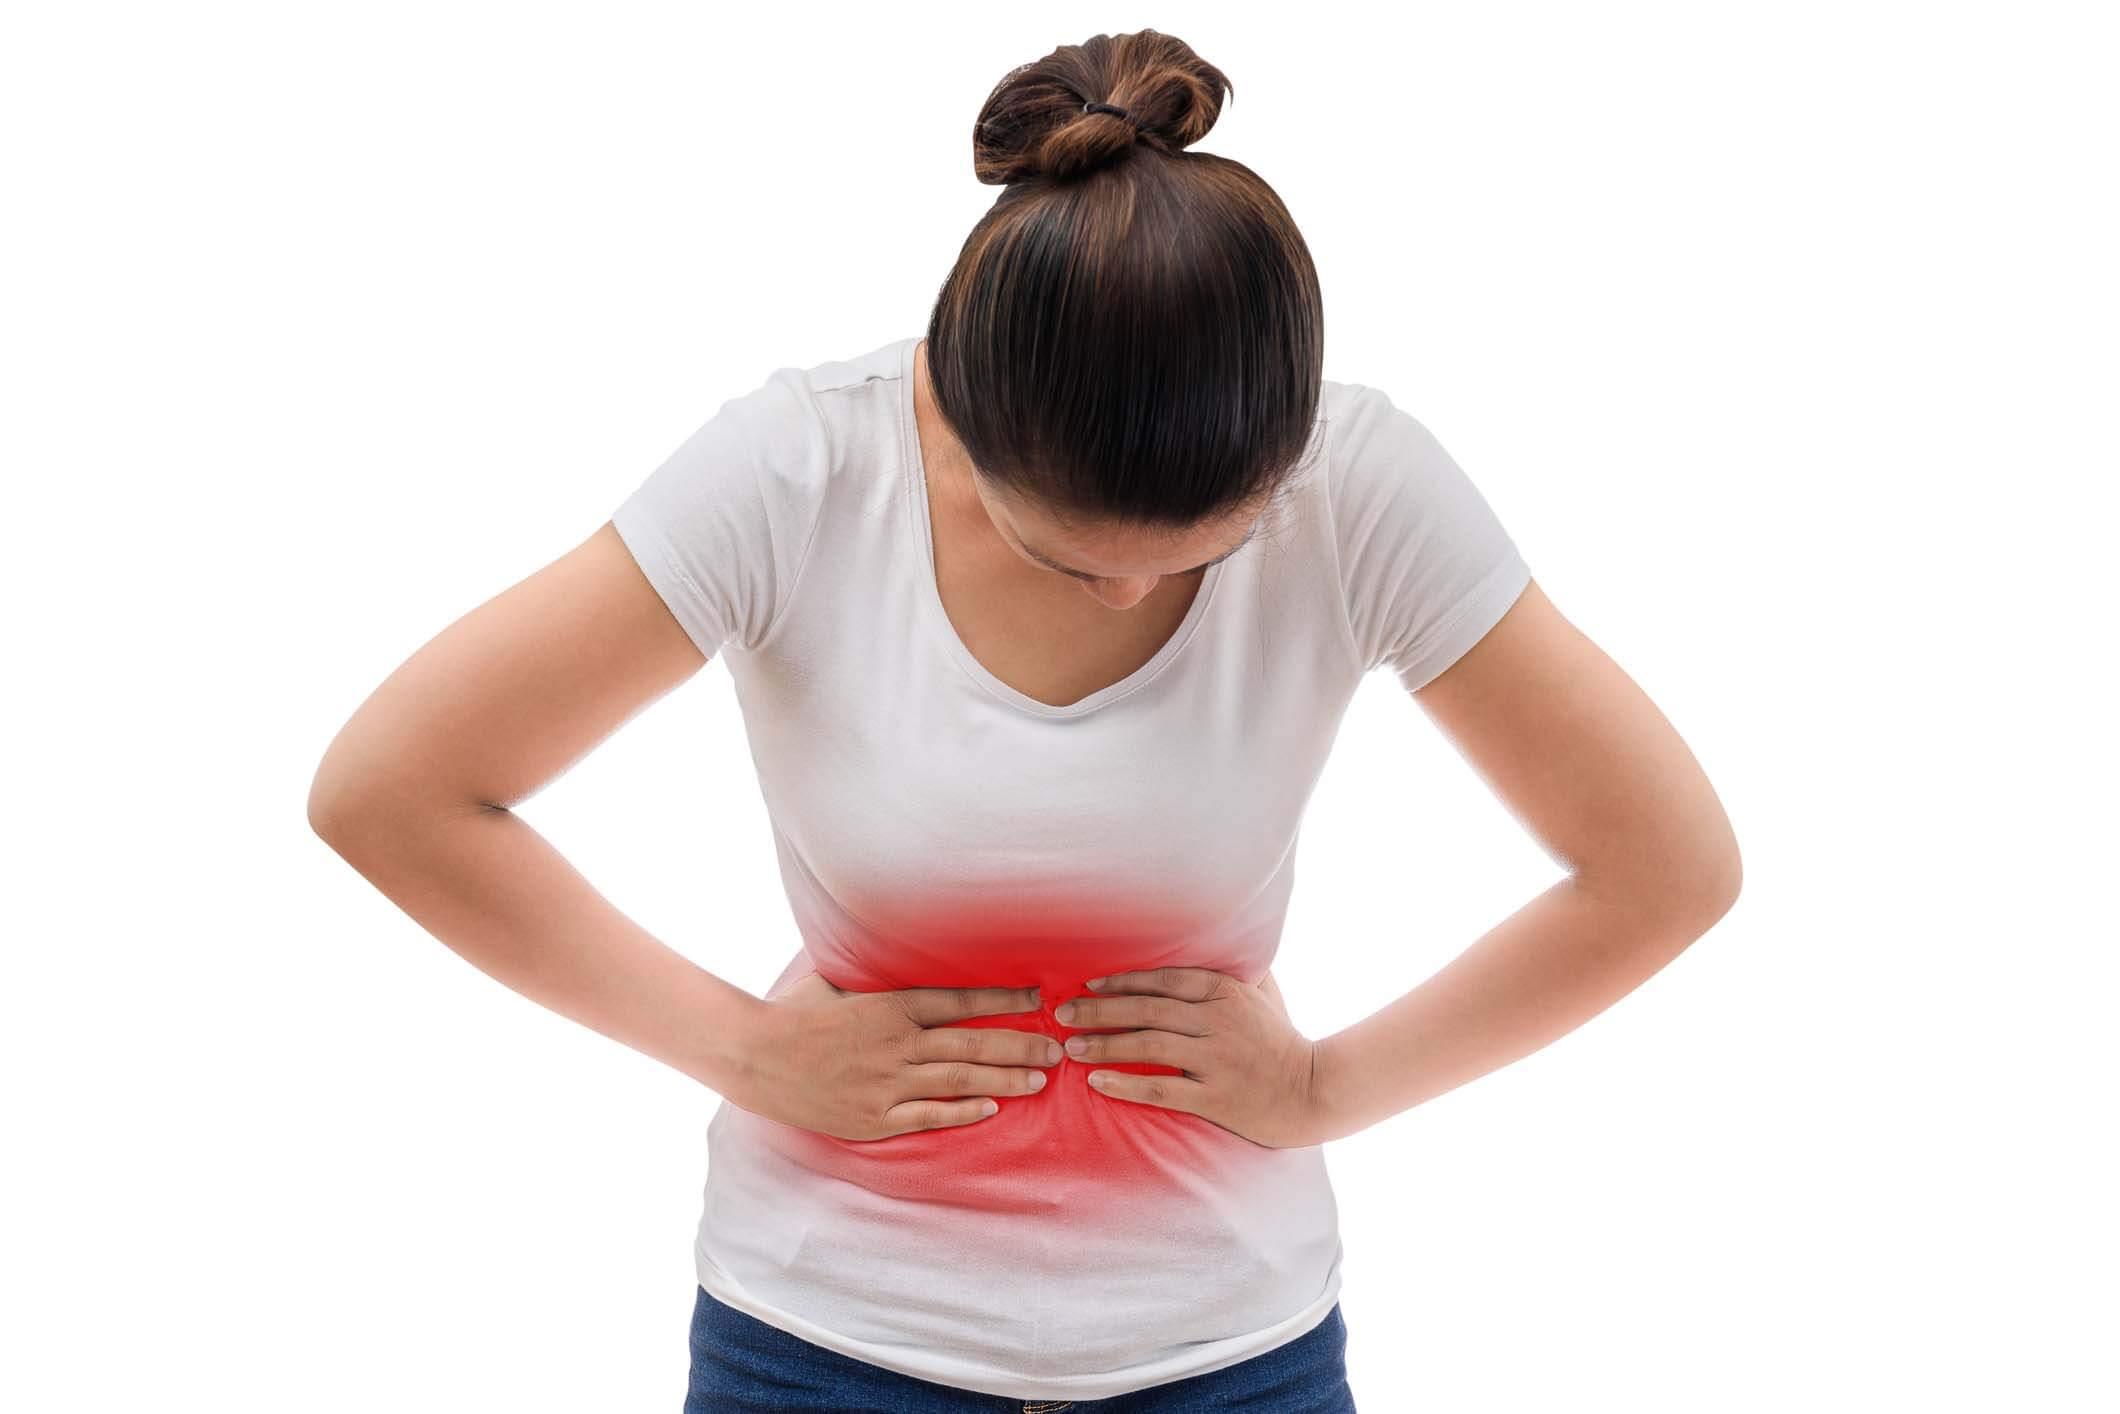 Đau bụng trên rốn dưới ức là bệnh gì? Các căn bệnh nguy hiểm